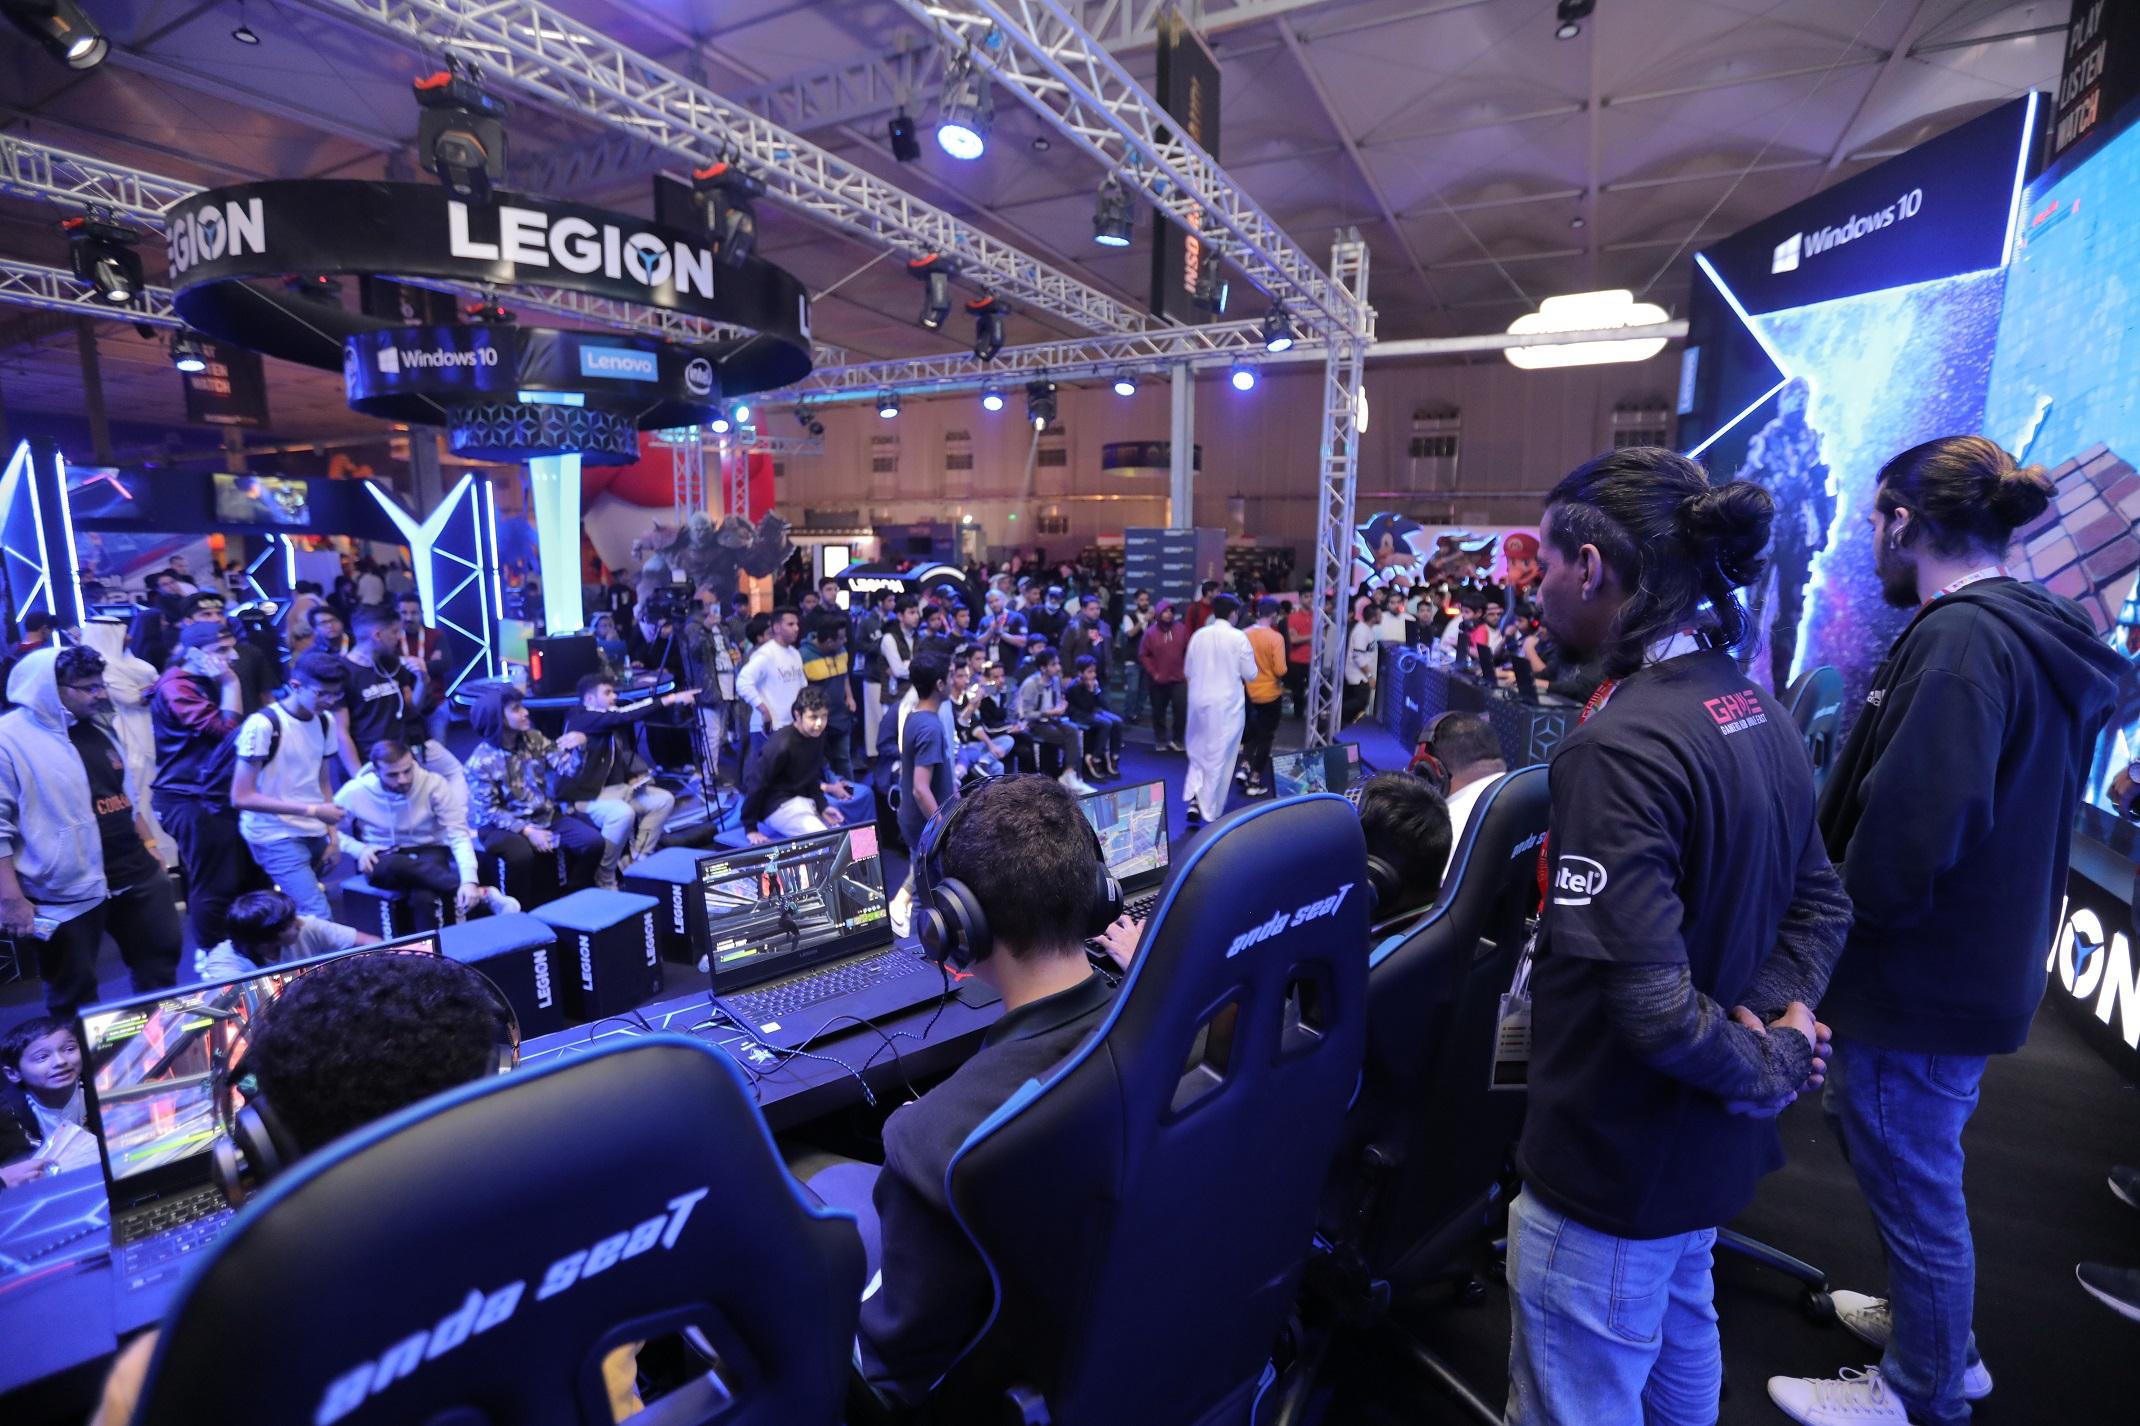 """أول مهرجان ألعاب افتراضي بالعالم """"Game On"""" يهدف للوصول إلى 2.7 مليار لاعب حول العالم"""